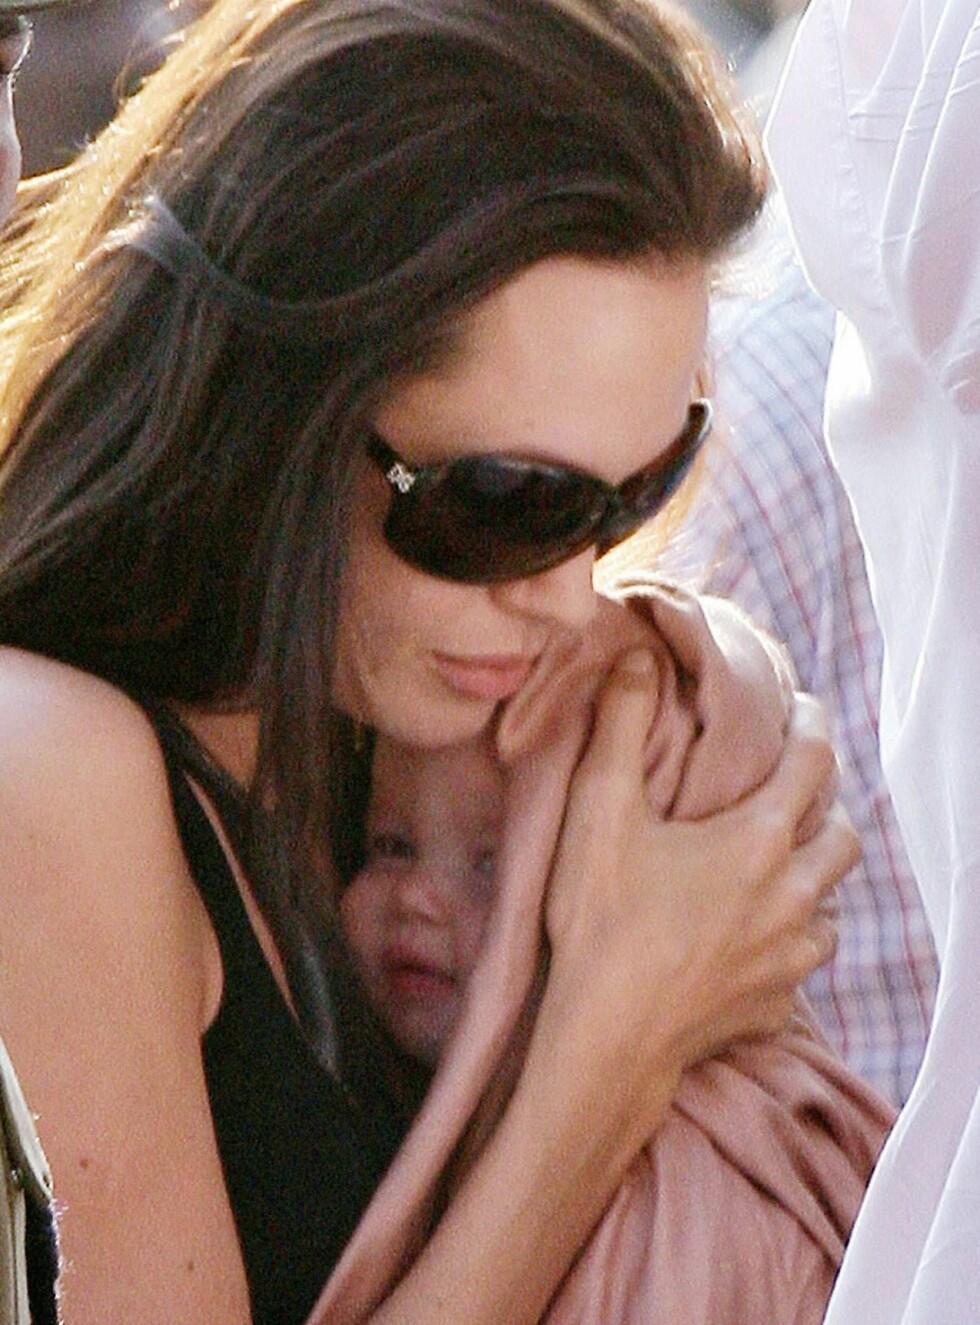 SØT: Hvem syns du hun ligner mest på? Brad eller Angelina? Foto: Stella Pictures